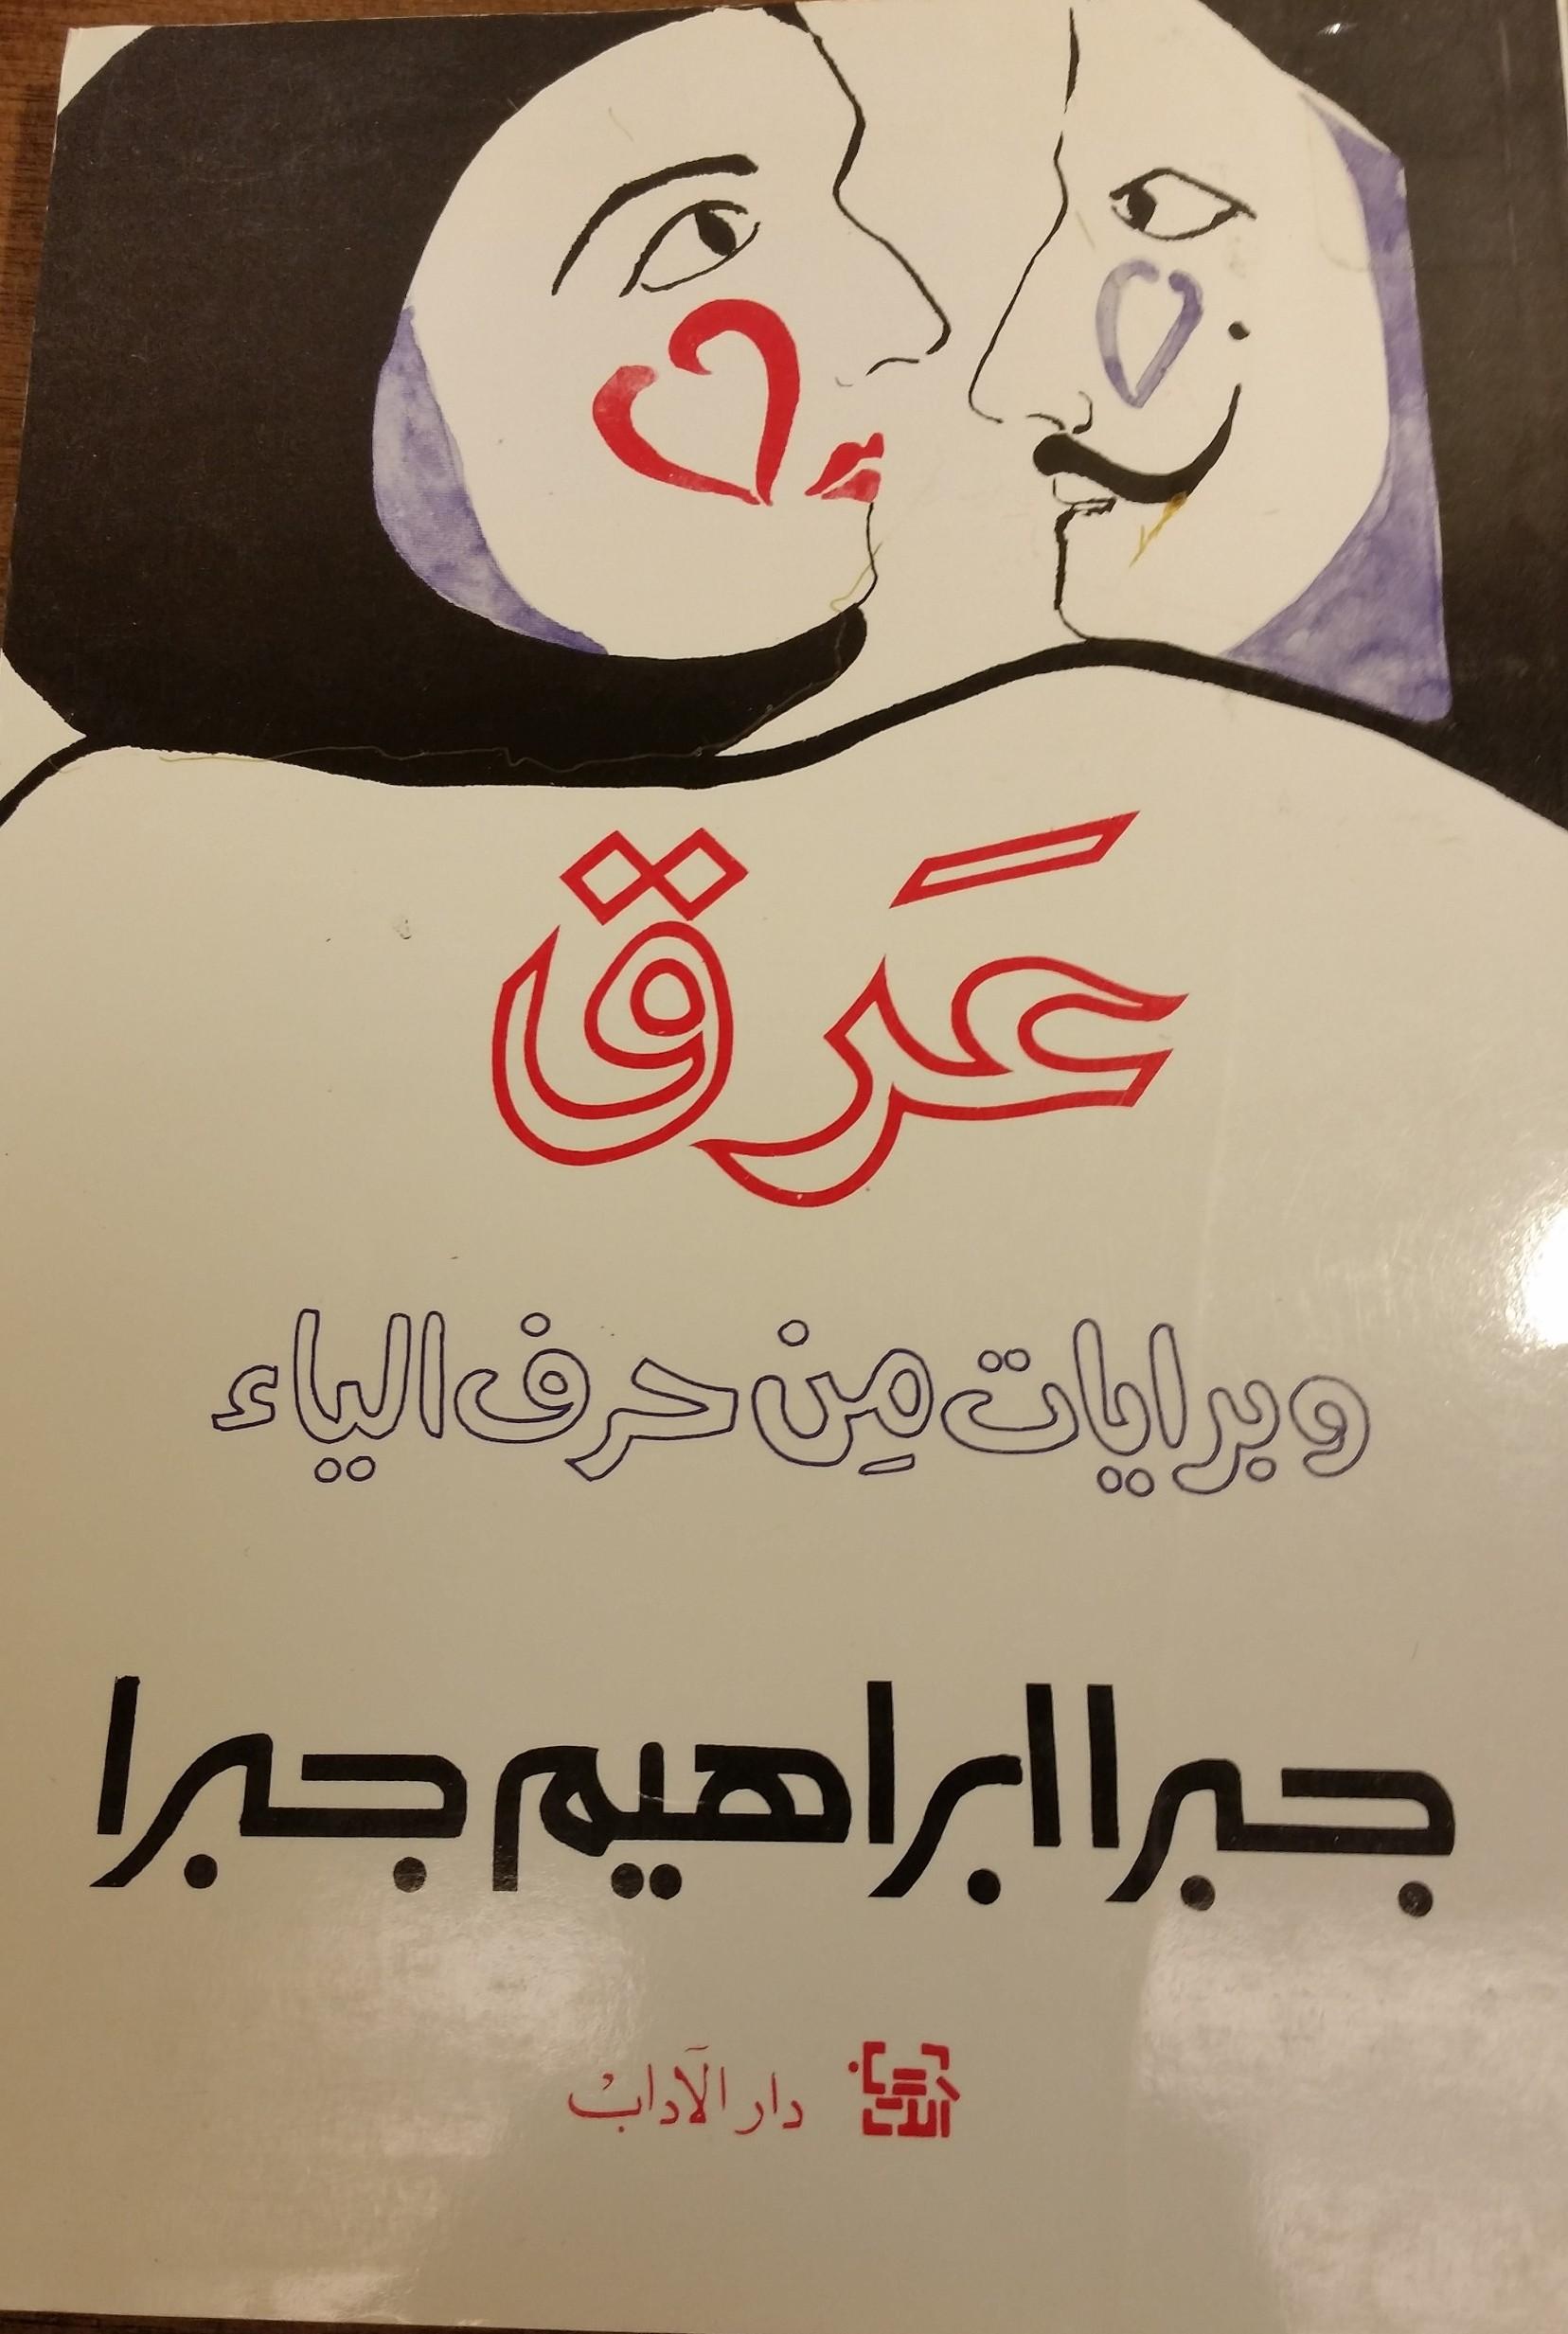 Jabrā Ibrāhīm Jabrā's  ʿAraq: wa-bidāyāt min ḥarf al-yāʾ (Bayrūt: Dār al-Ādāb, 1989).